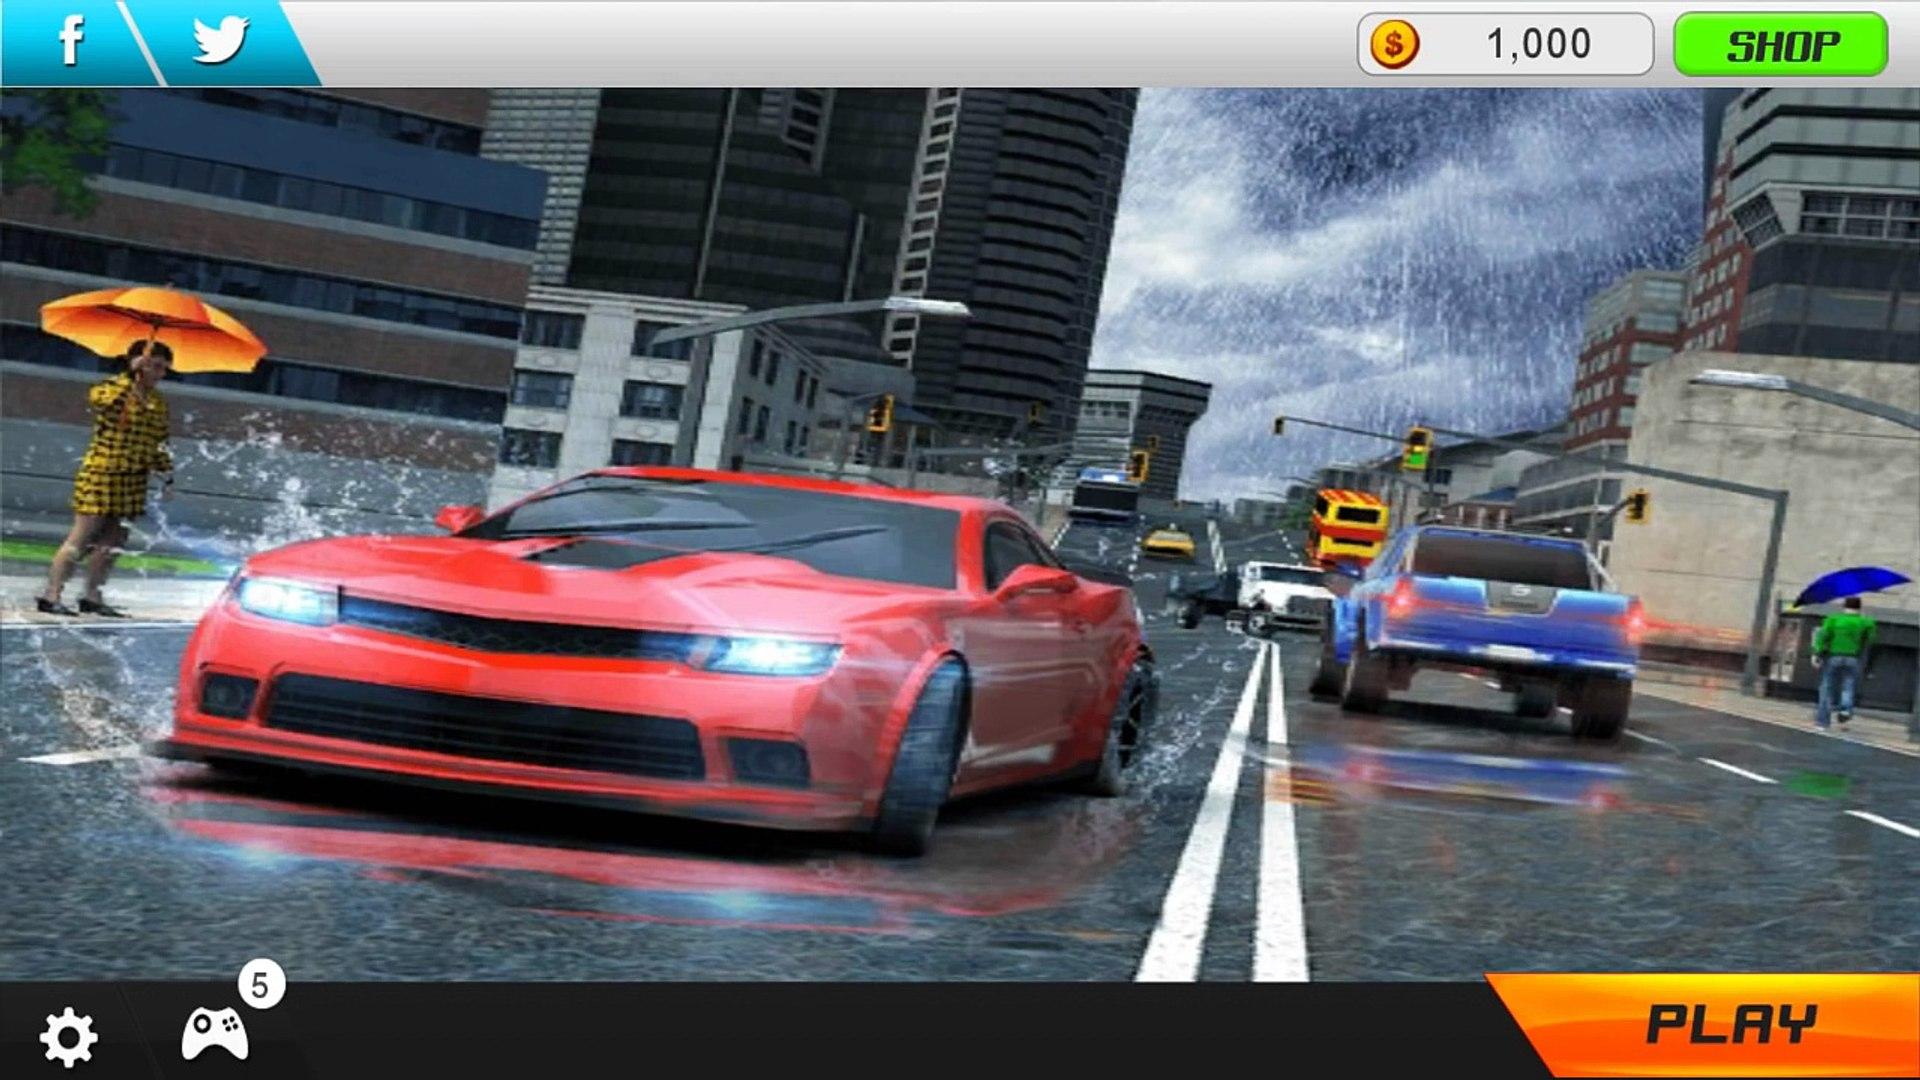 Город автомобиль реальная водить машину андроид Игры